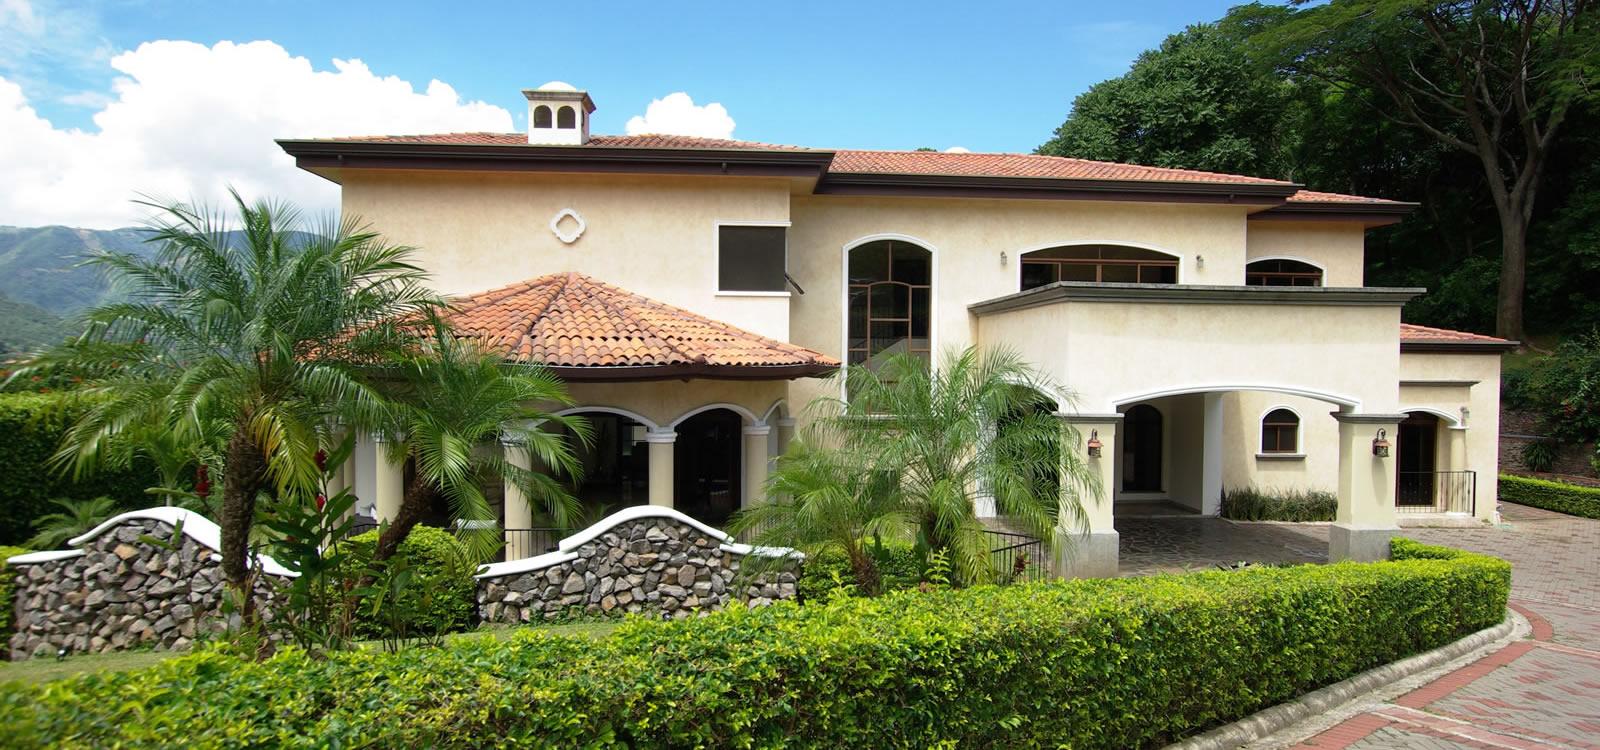 Grand Villa Apartments Santa Ana